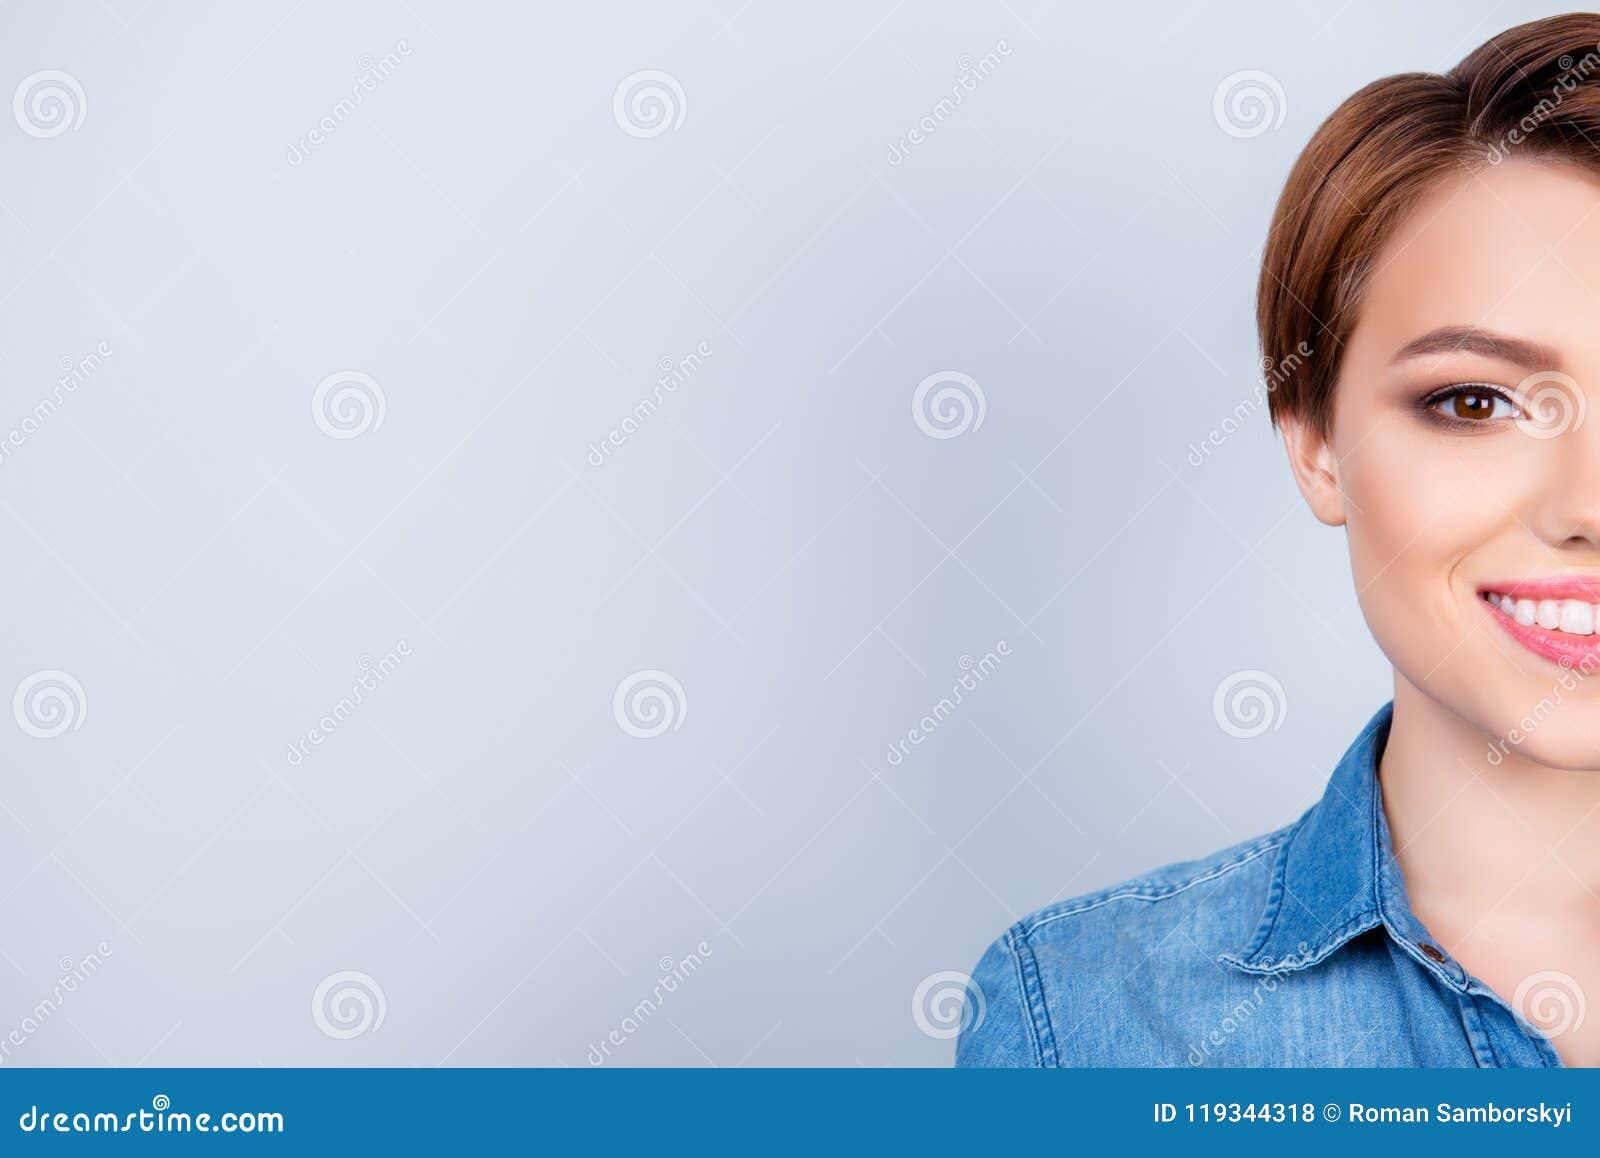 Potato vicino sul ritratto di giovane bella ragazza sul blu puro b